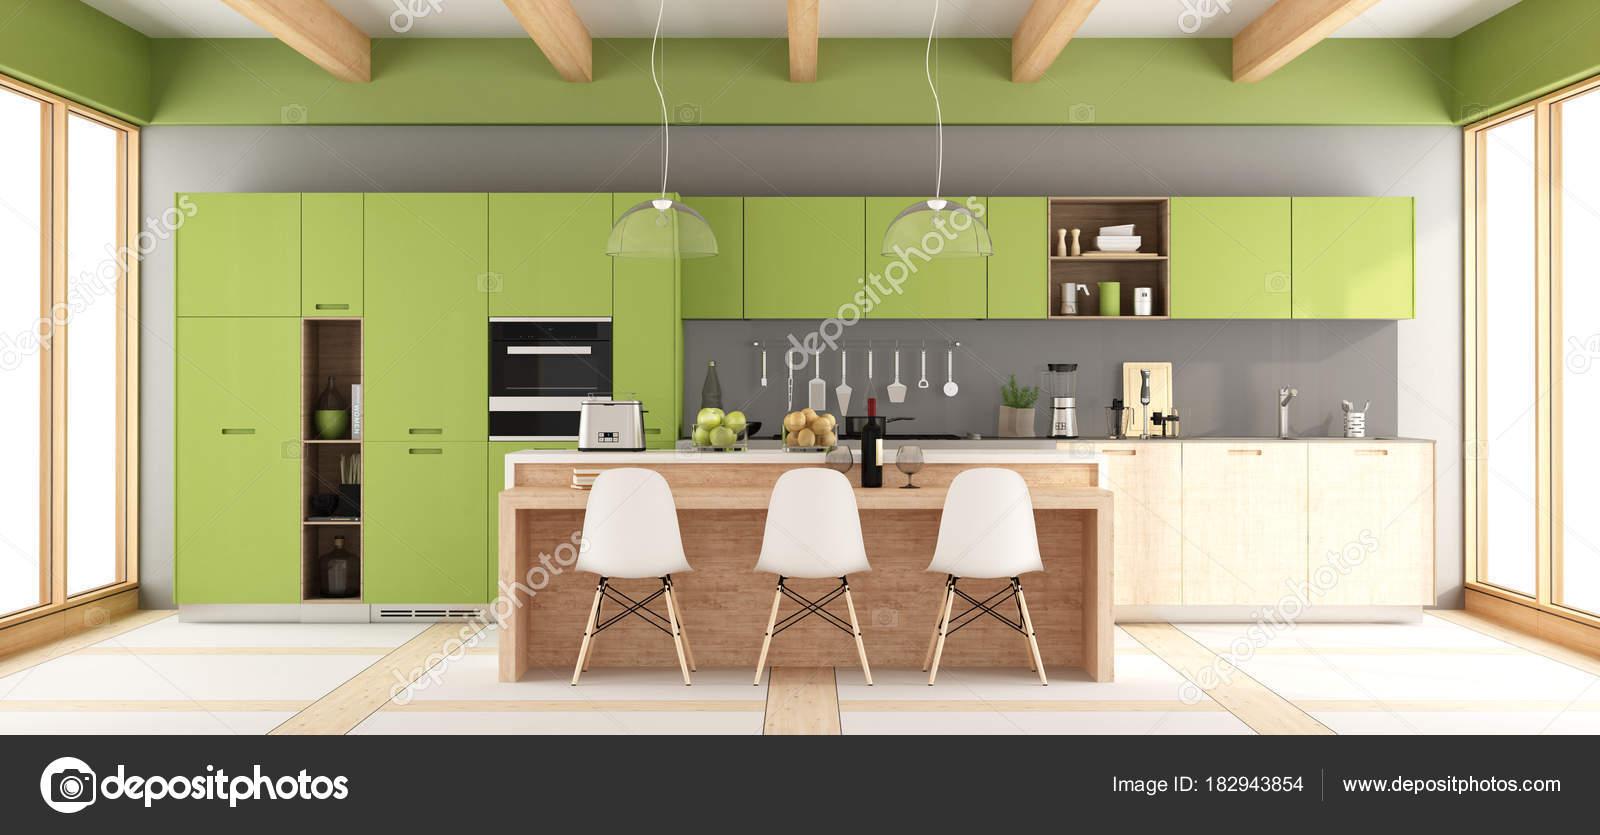 Grüne, graue und moderne Küche — Stockfoto © archideaphoto #182943854